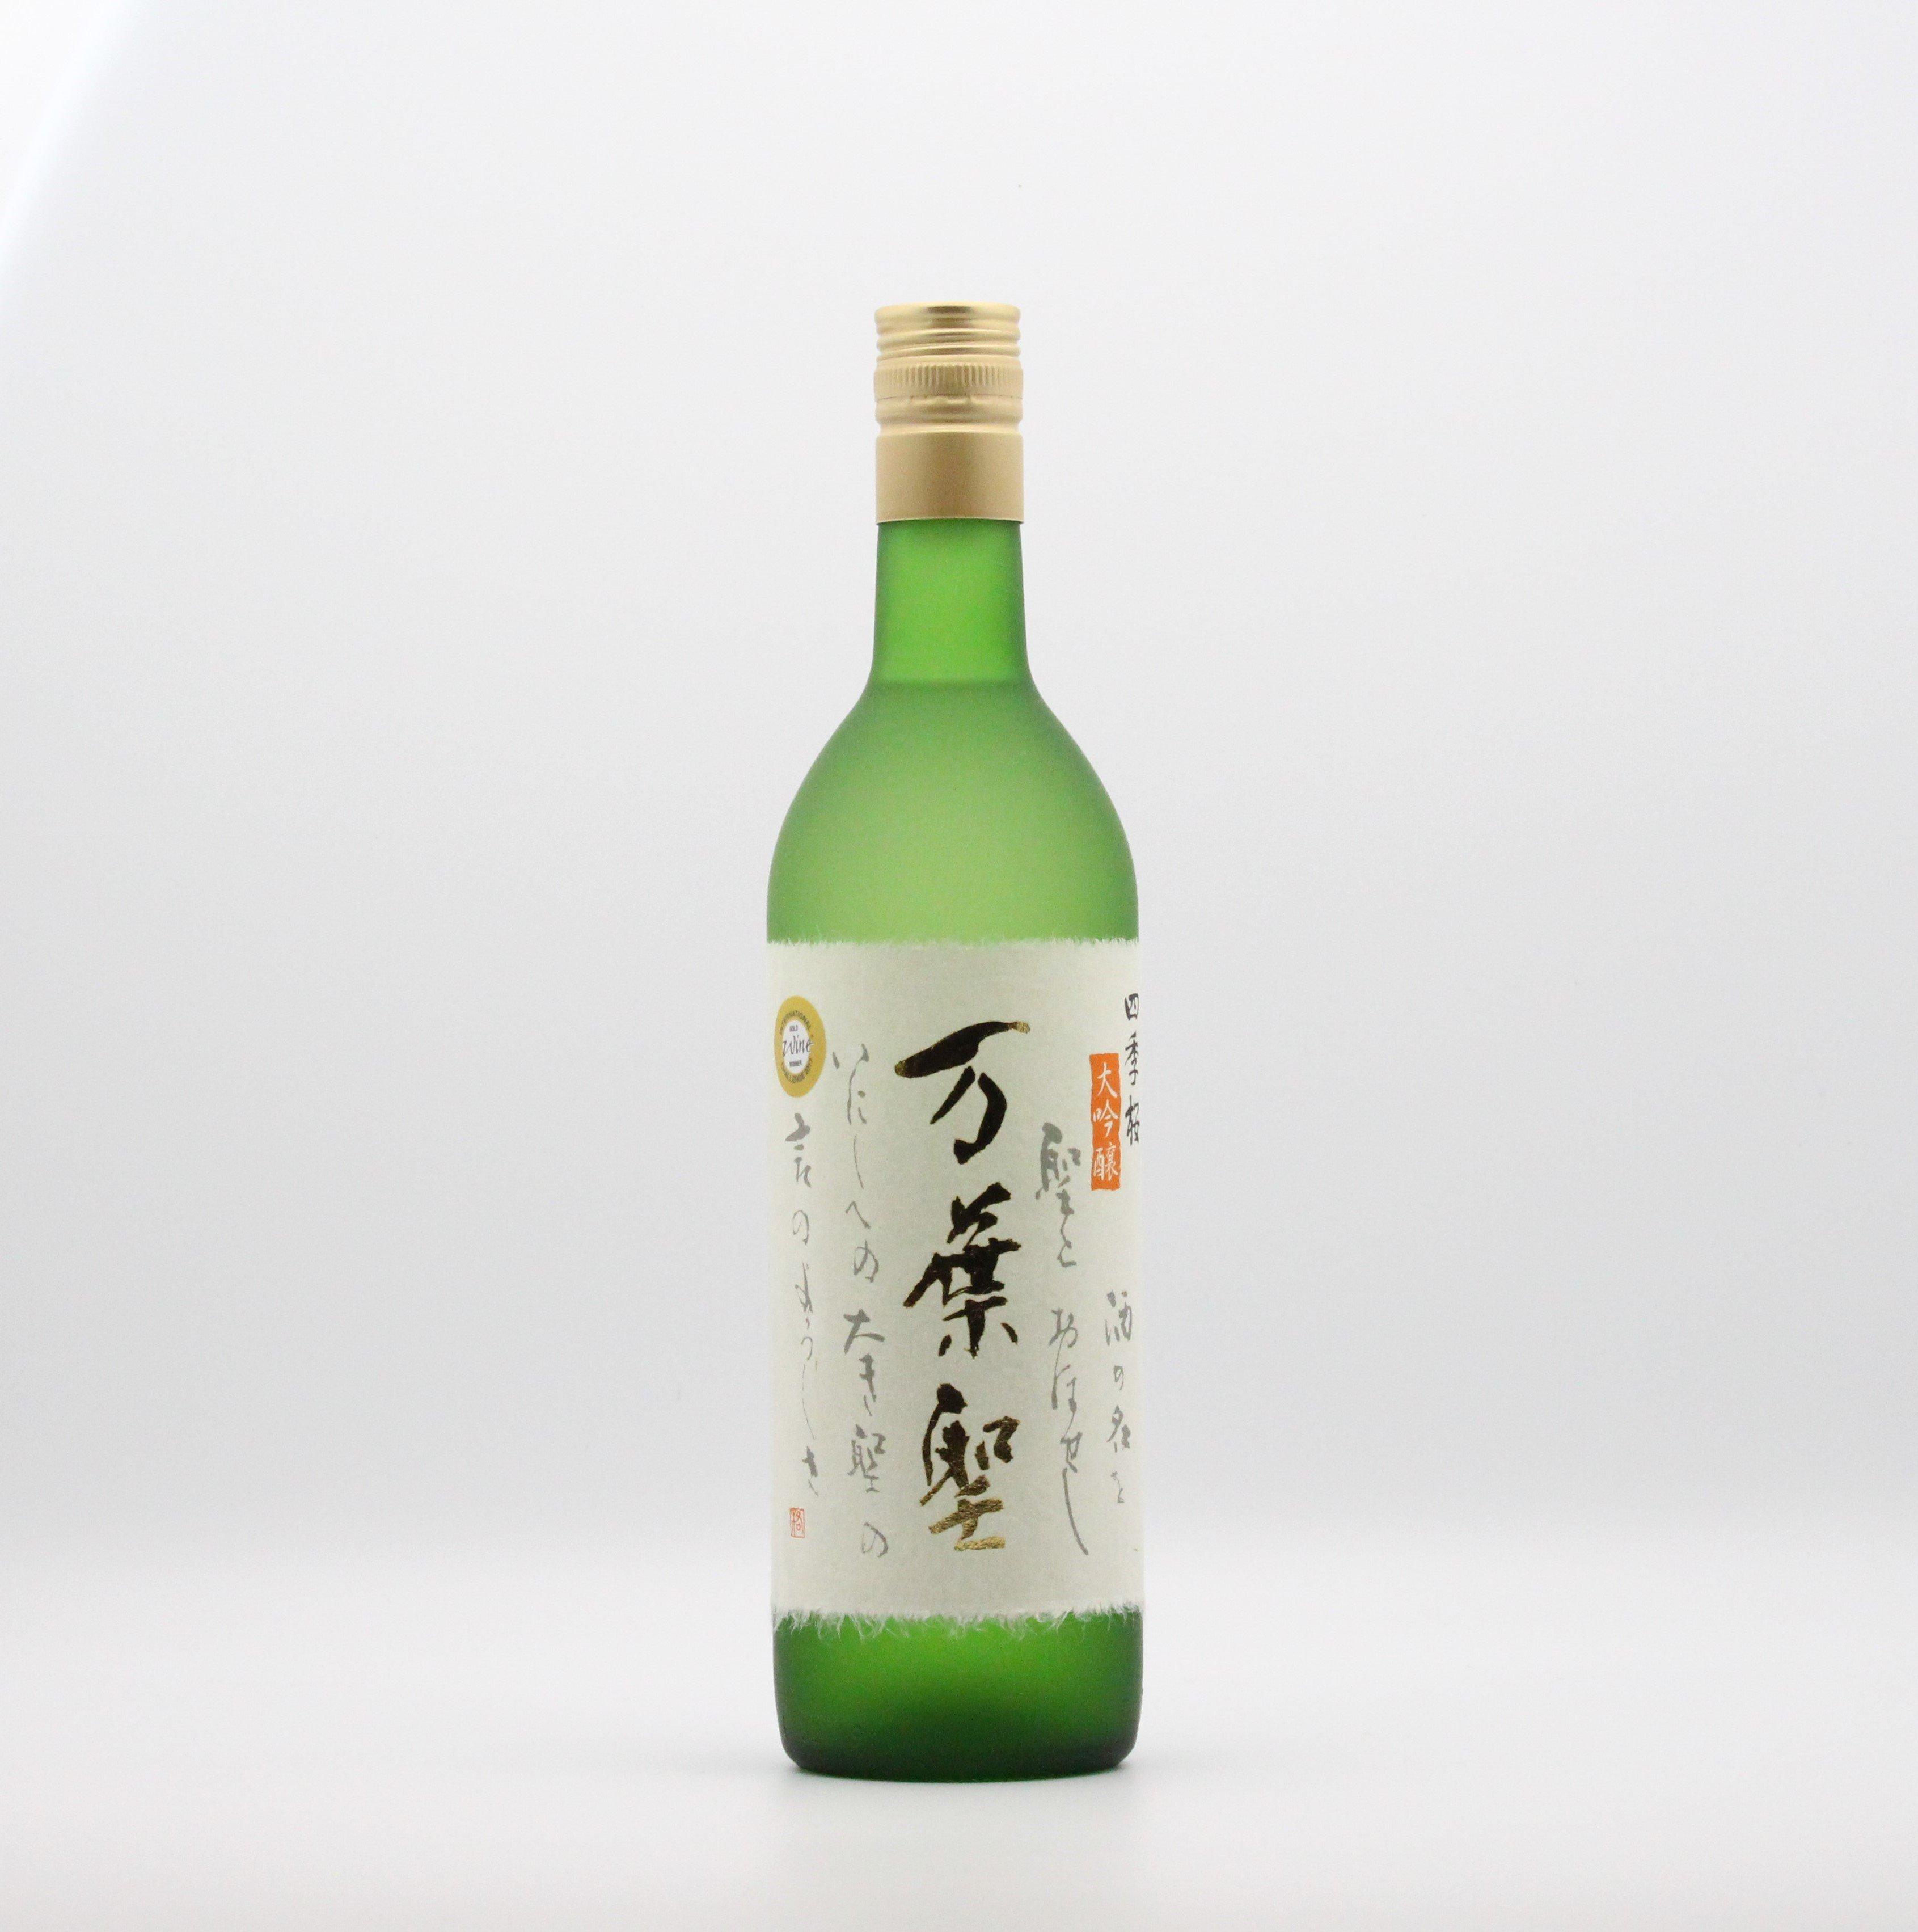 宇都宮酒造/万葉聖(大吟醸酒) 720ml